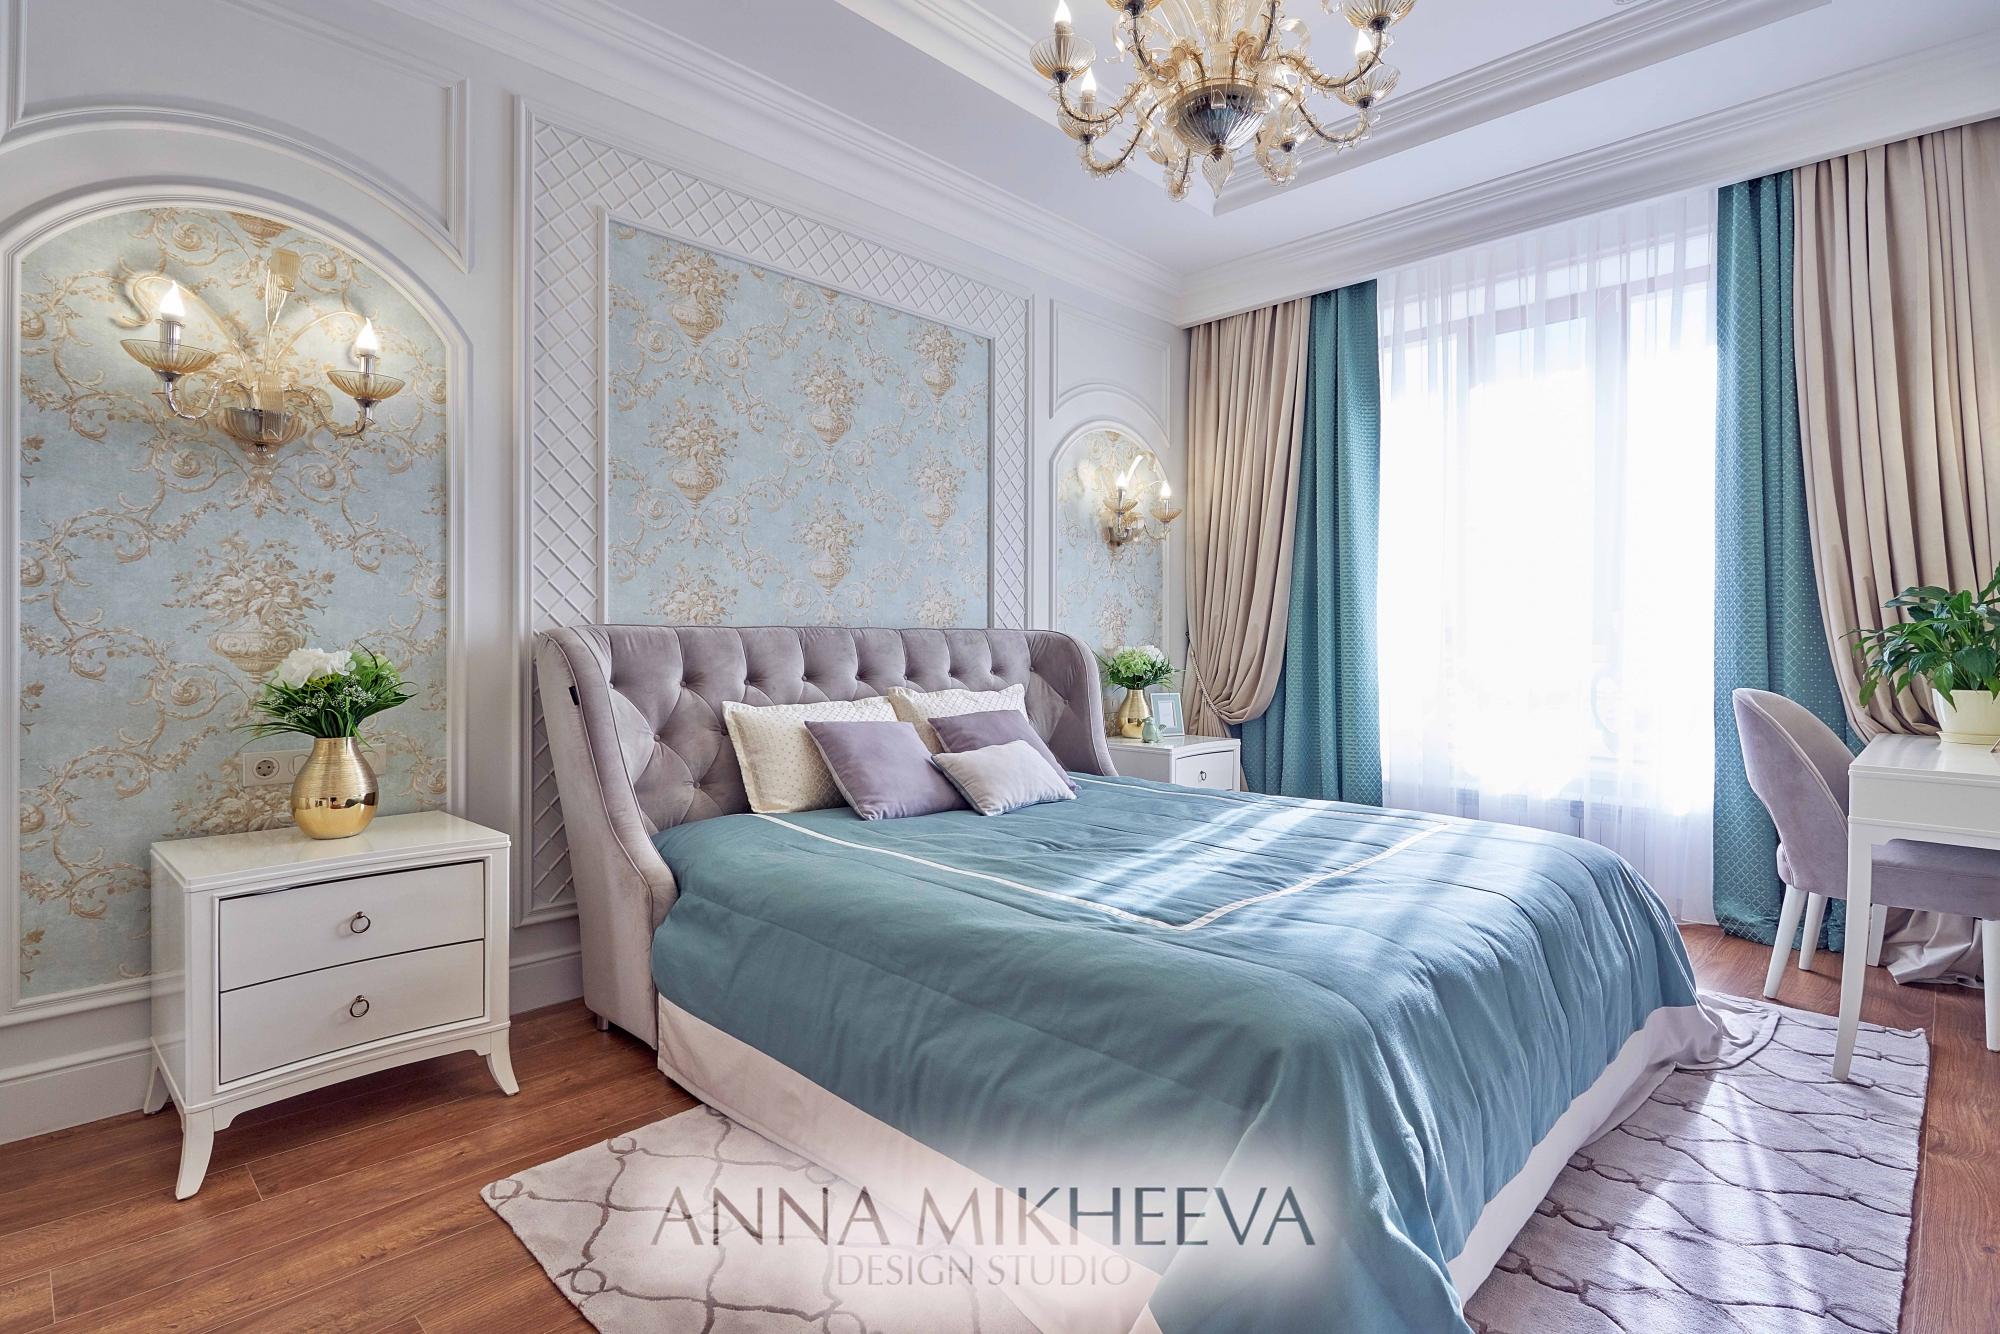 Интерьер спальни современный дизайн. В Астане. Фото.